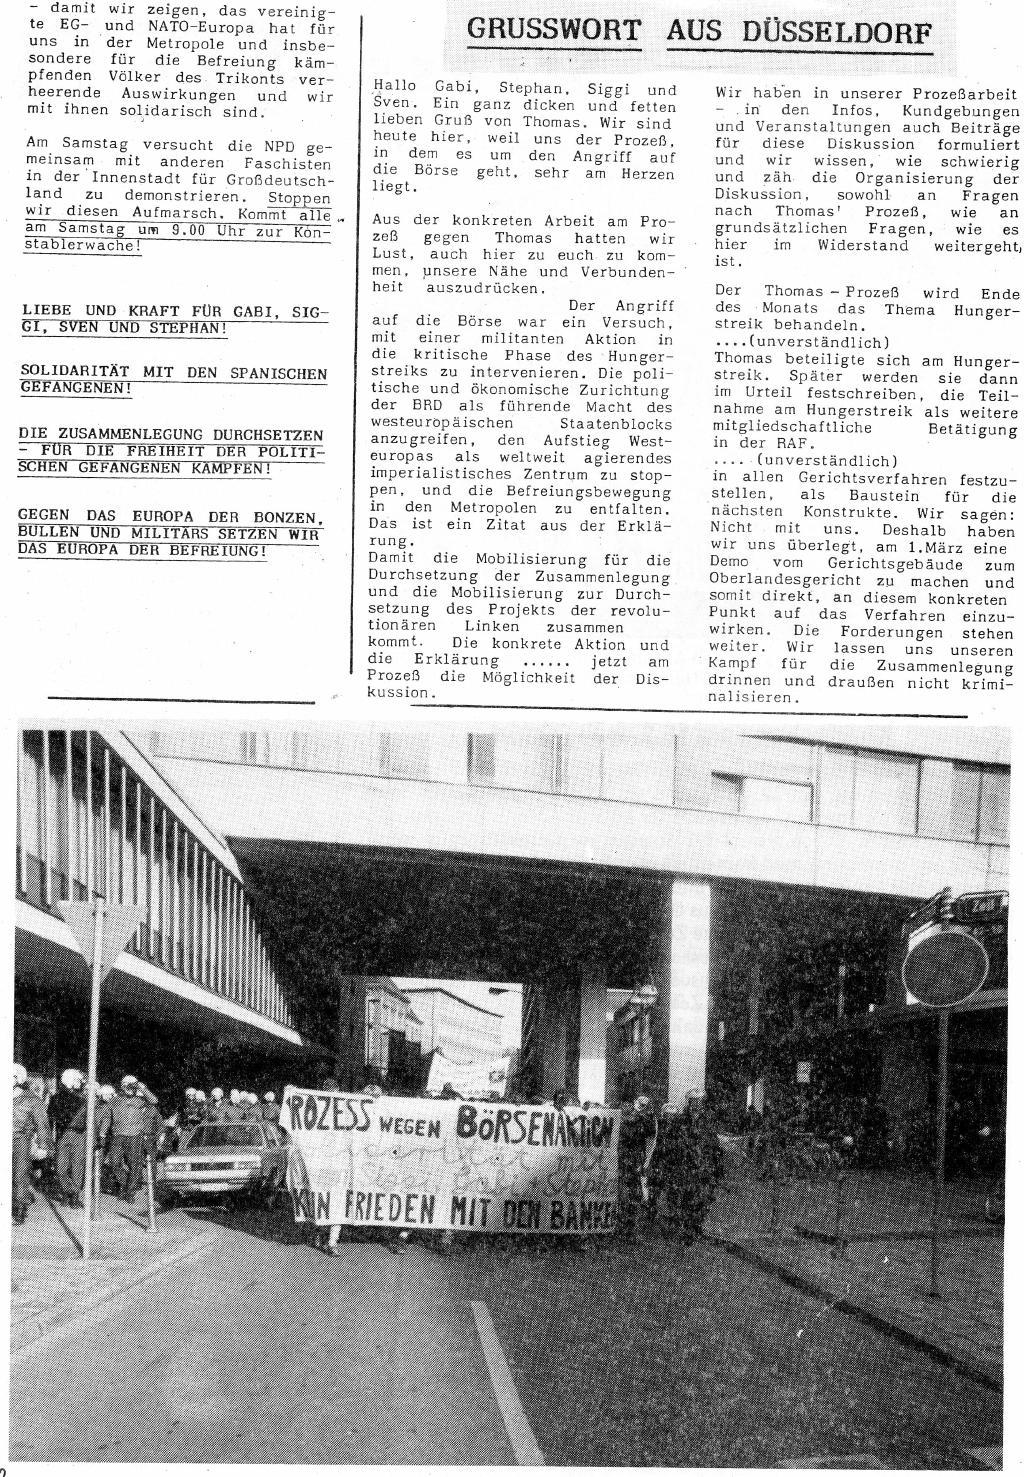 Frankfurt_Prozessinfo_Kein_Frieden_mit_den_Banken_1990_1_2_12